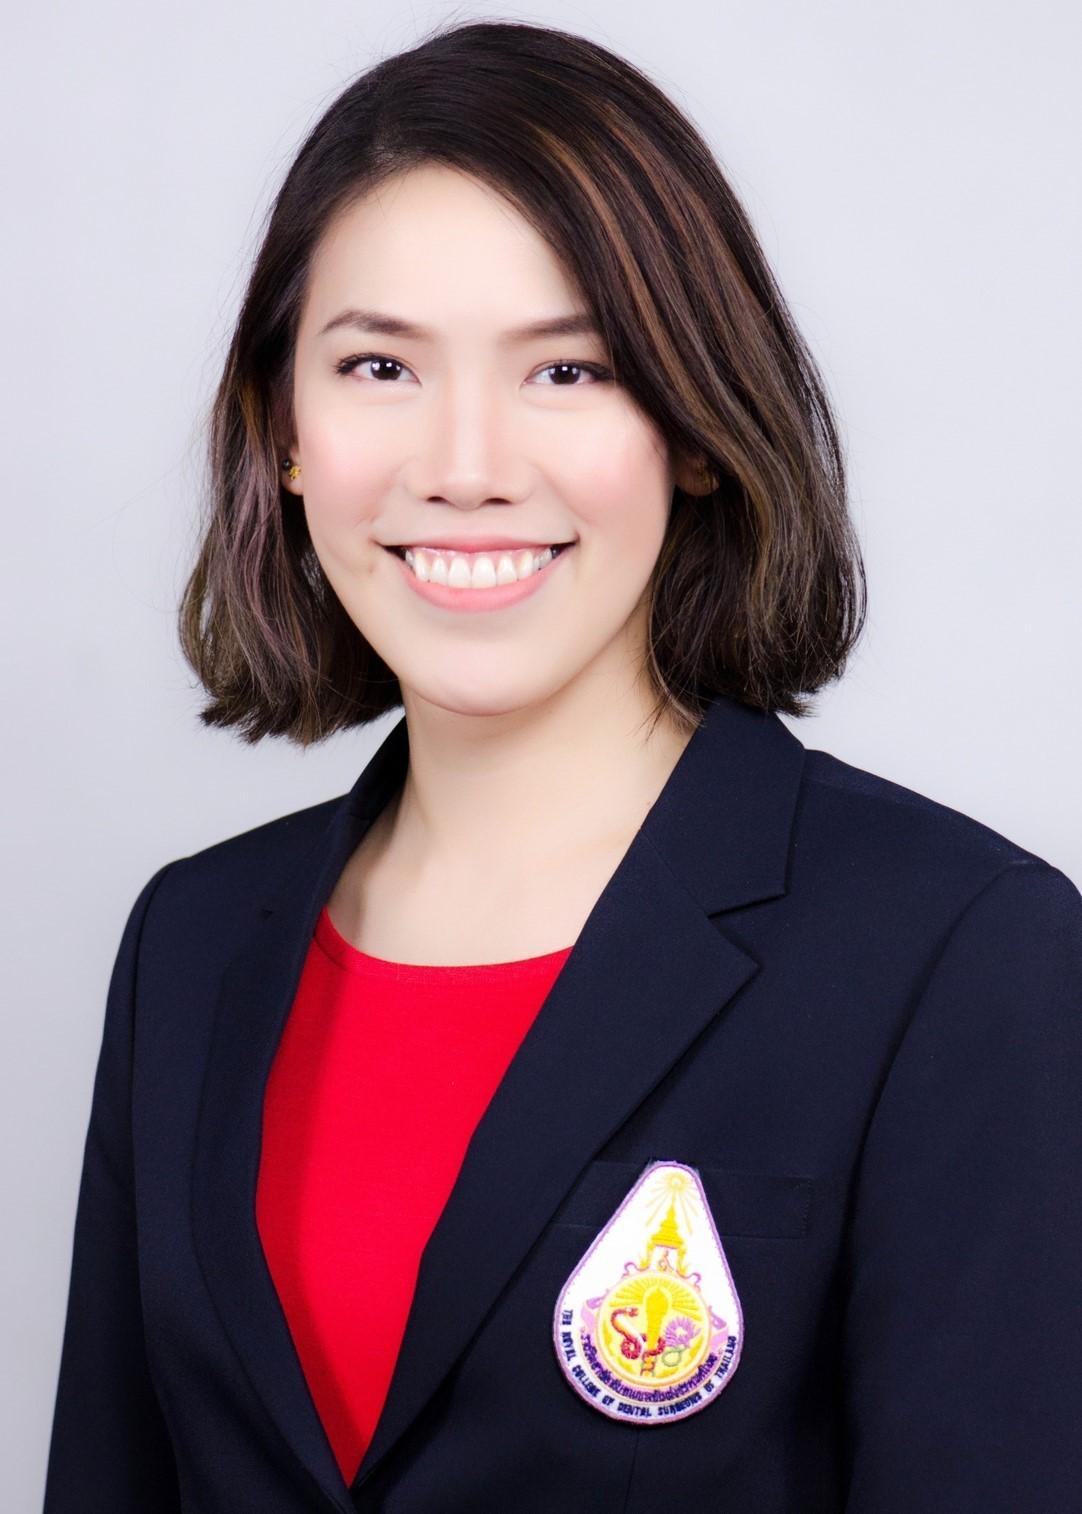 ผู้ช่วยศาสตราจารย์ ดร.ทันตแพทย์หญิงพิสชา  พิทยพัฒน์